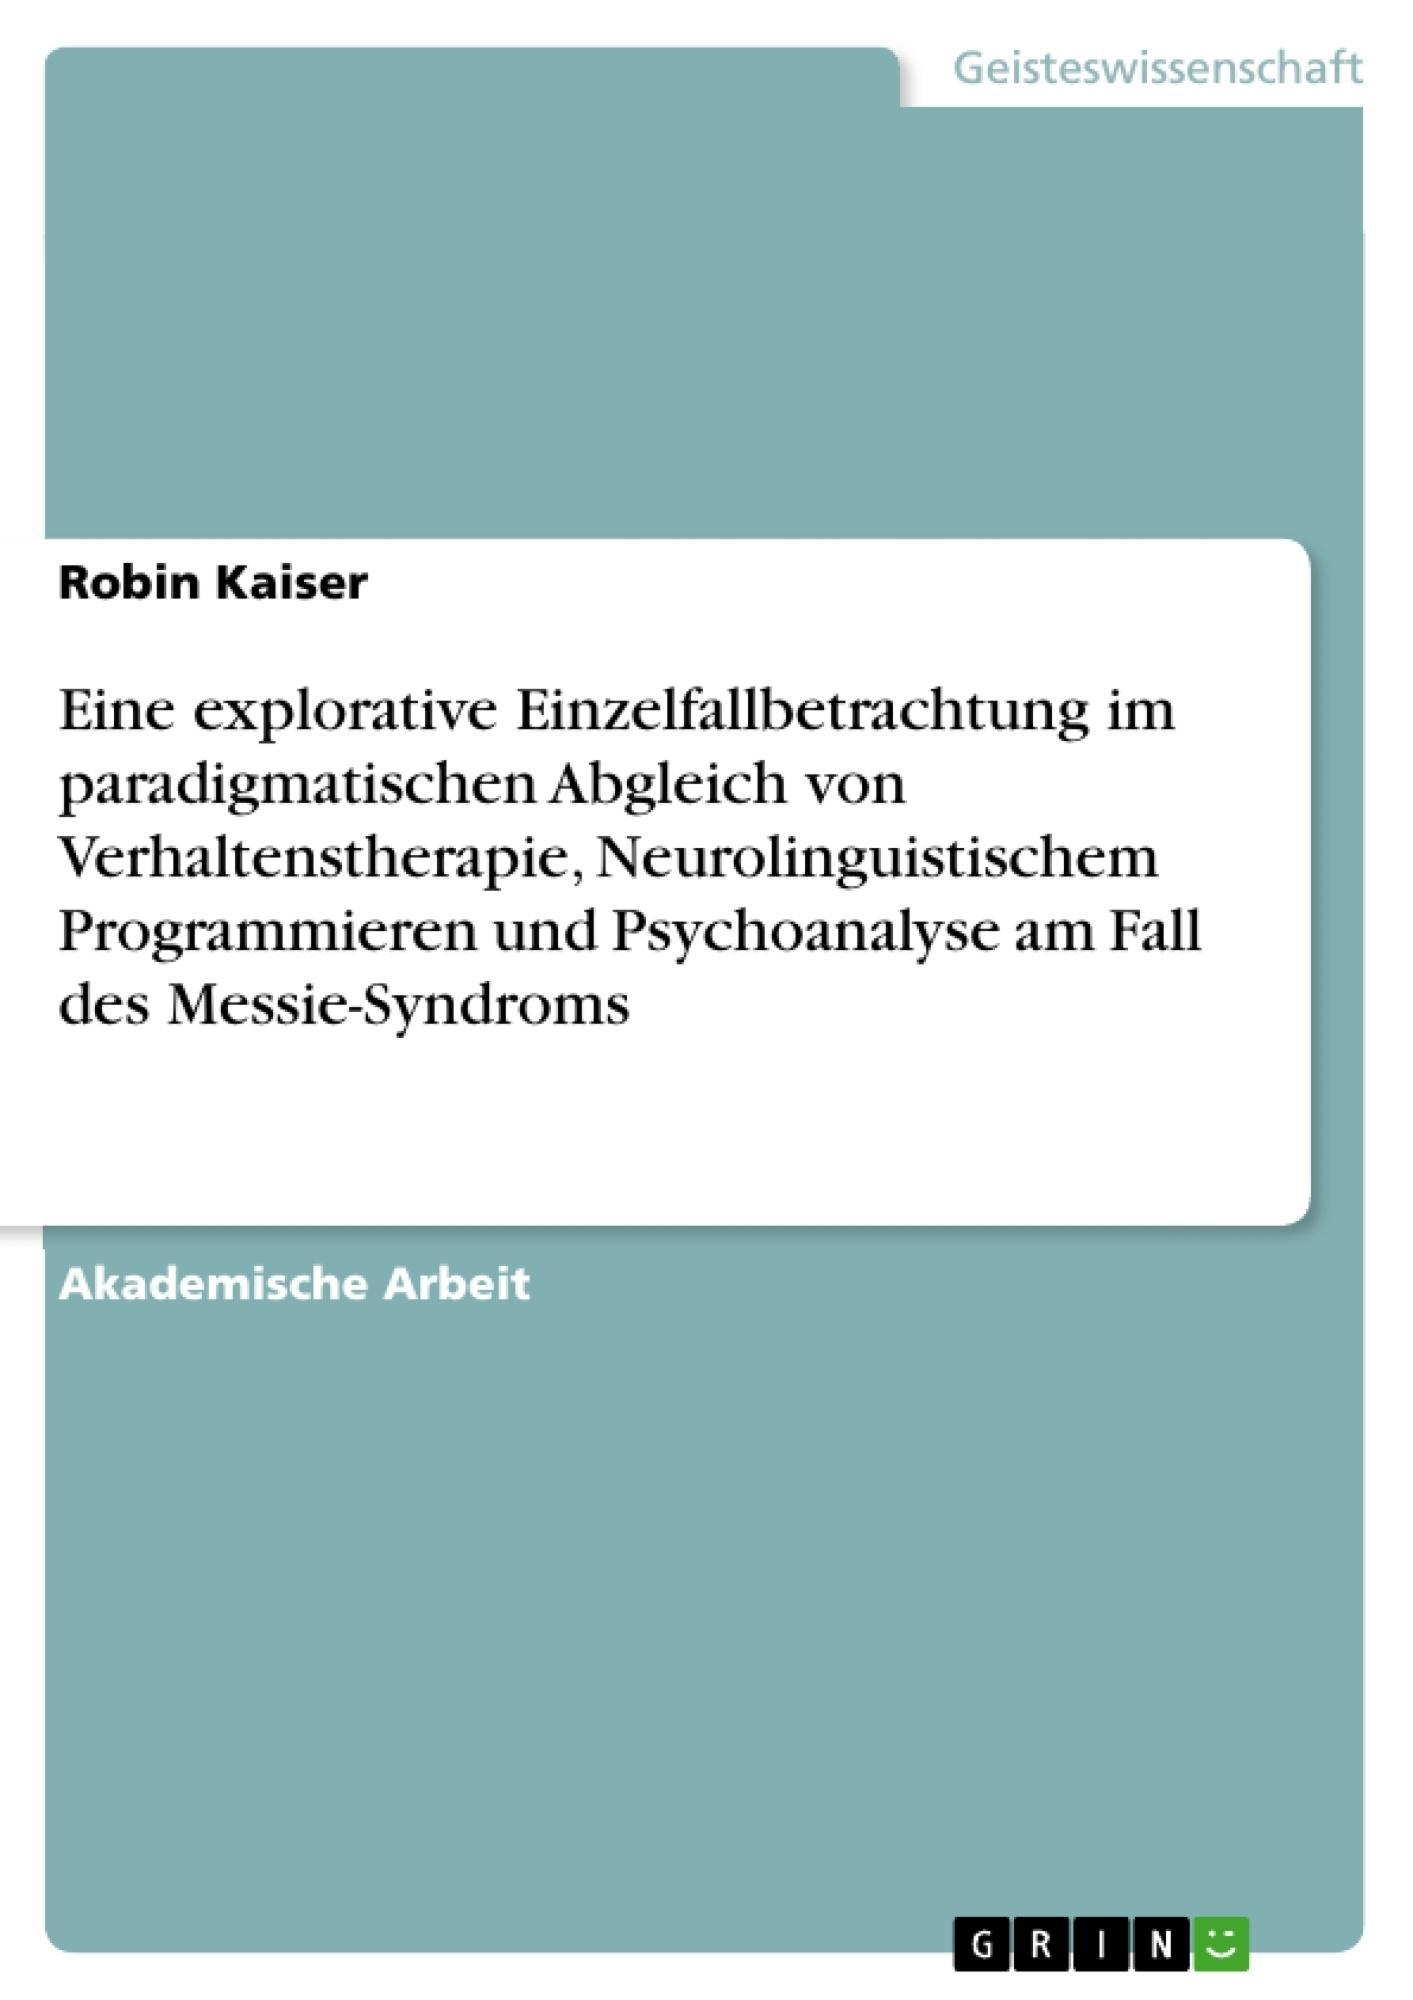 Titel: Eine explorative Einzelfallbetrachtung im paradigmatischen Abgleich von Verhaltenstherapie, Neurolinguistischem Programmieren und Psychoanalyse am Fall des Messie-Syndroms